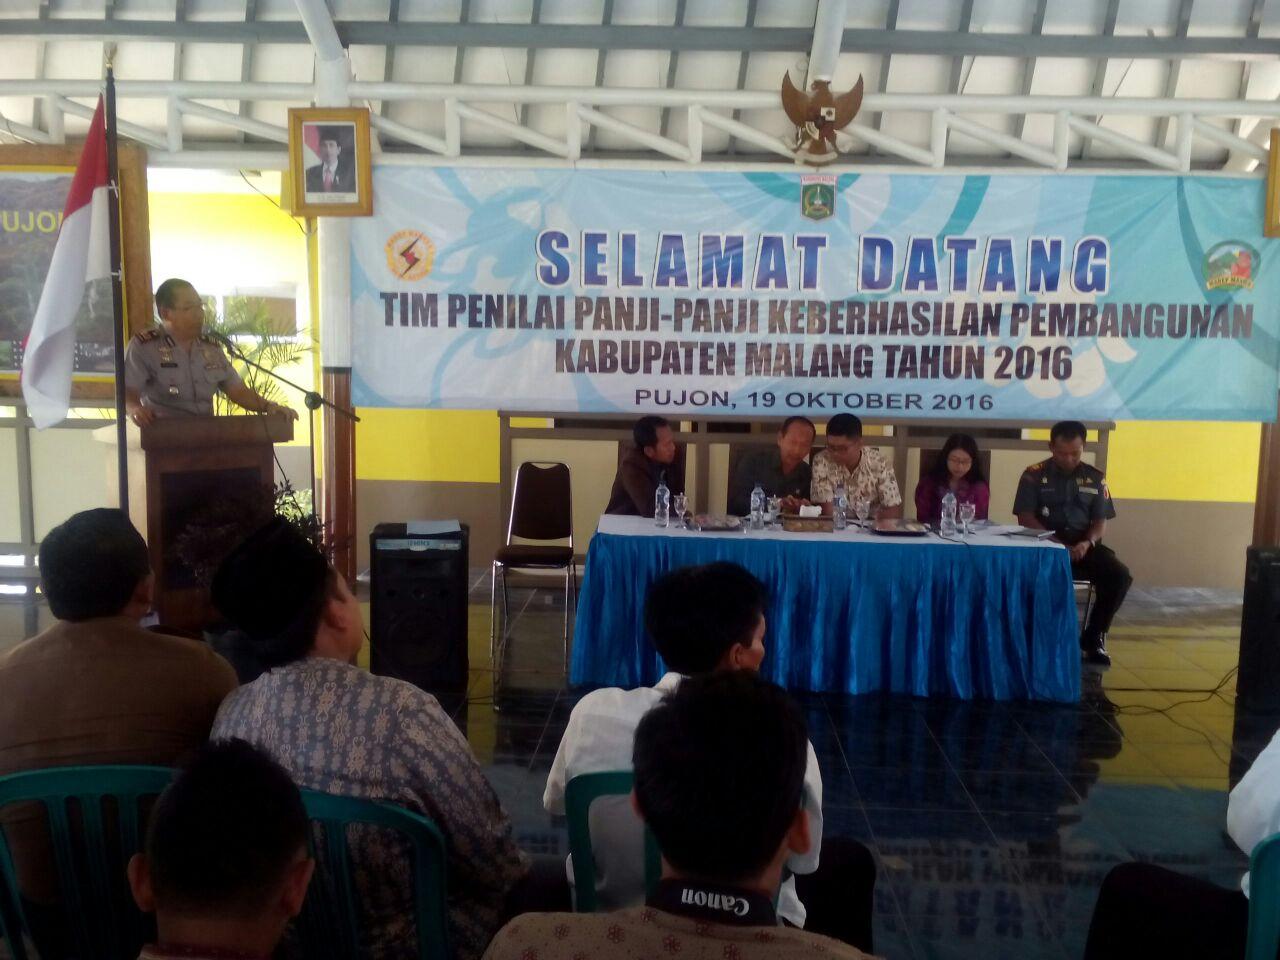 Kapolsek Pujon hadiri presentasi keberhasilan pembangunan di pendopo kec Pujon